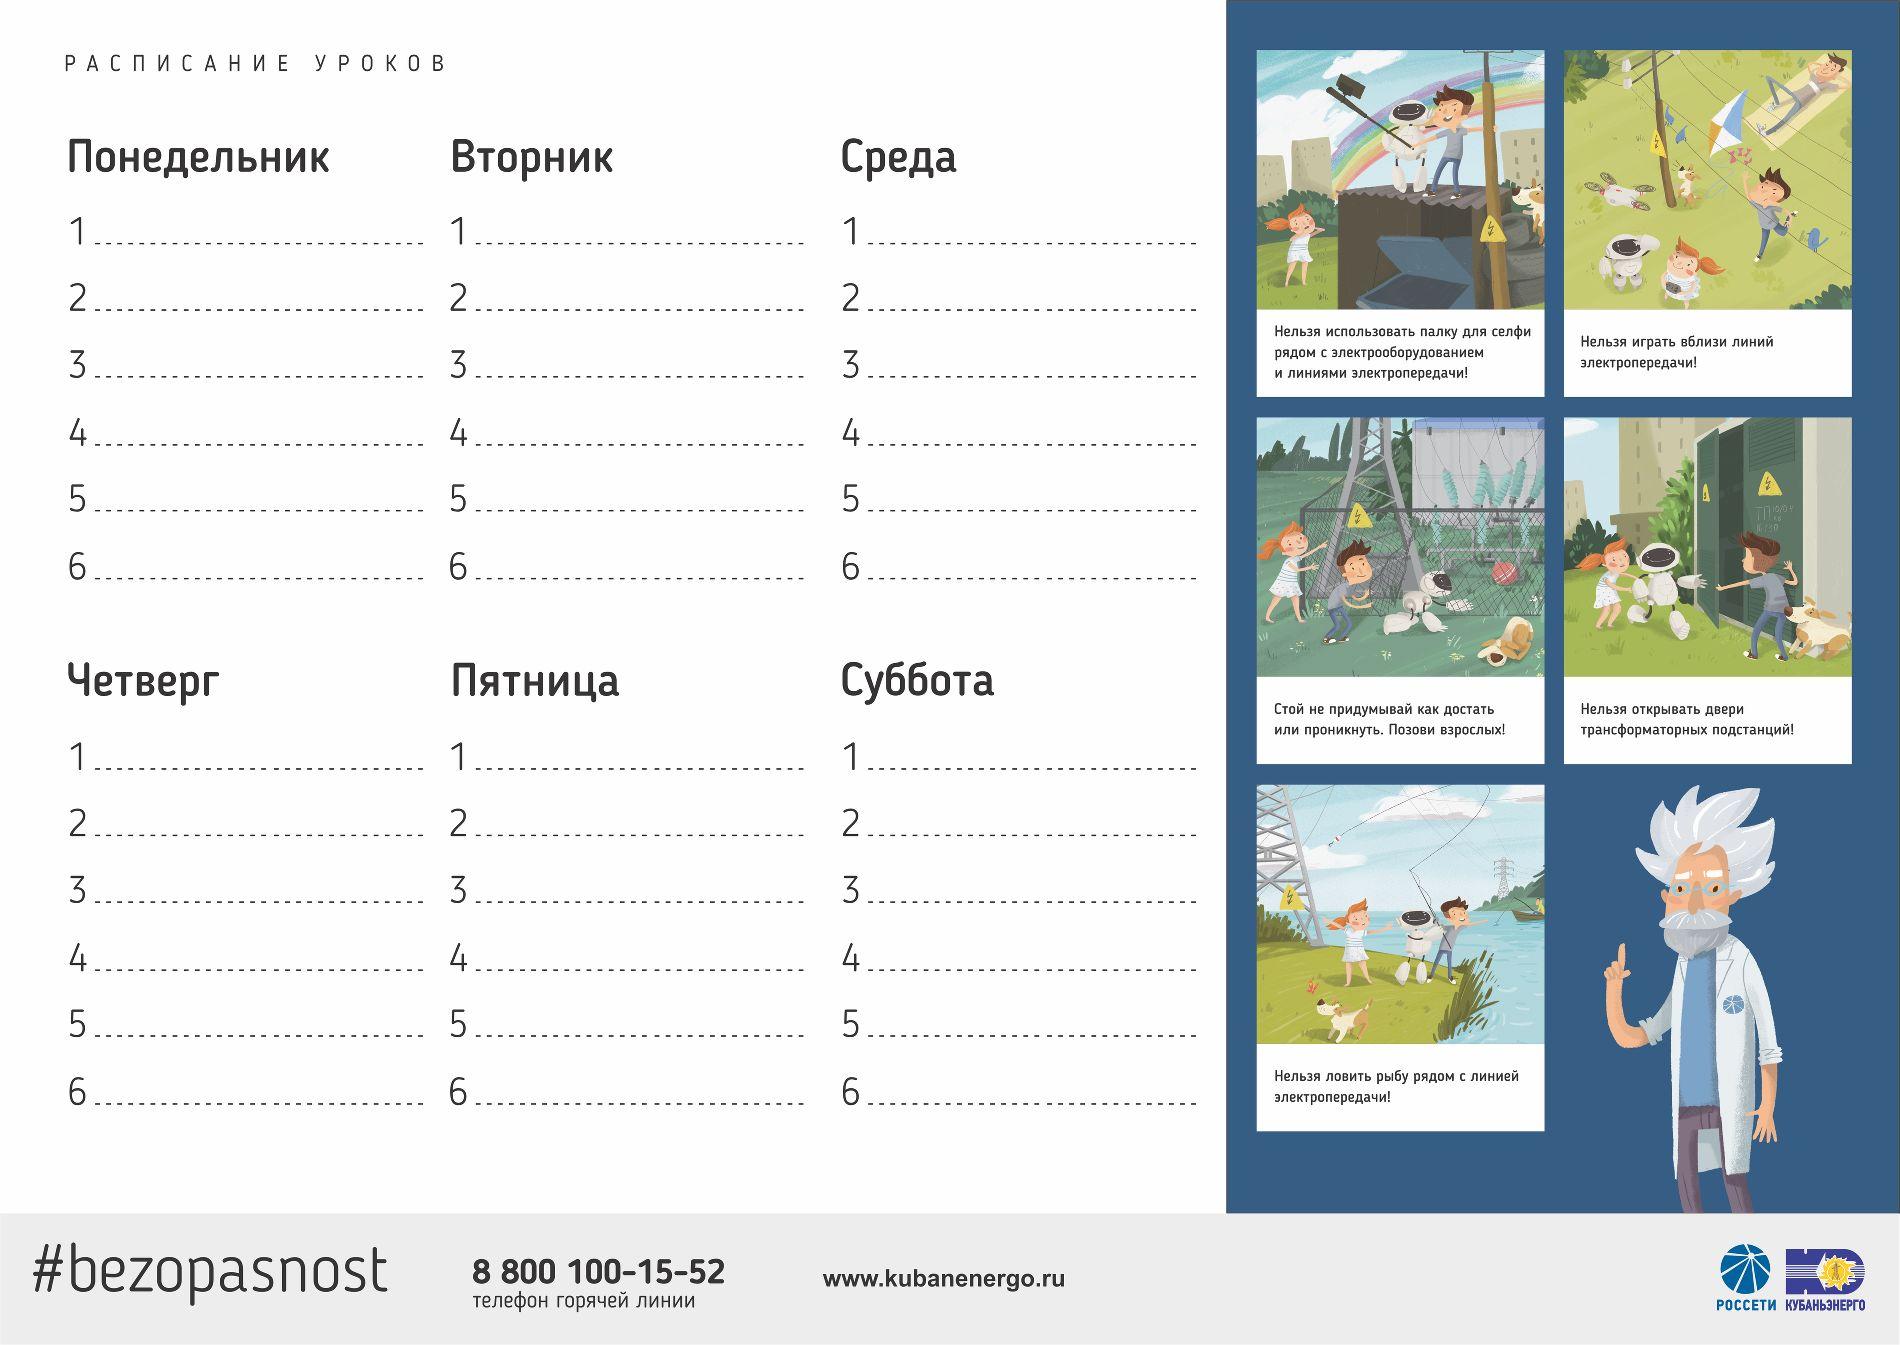 Сохраните и распечатайте расписание уроков ©Плакат предоставлен пресс-службой «Россети Кубань»